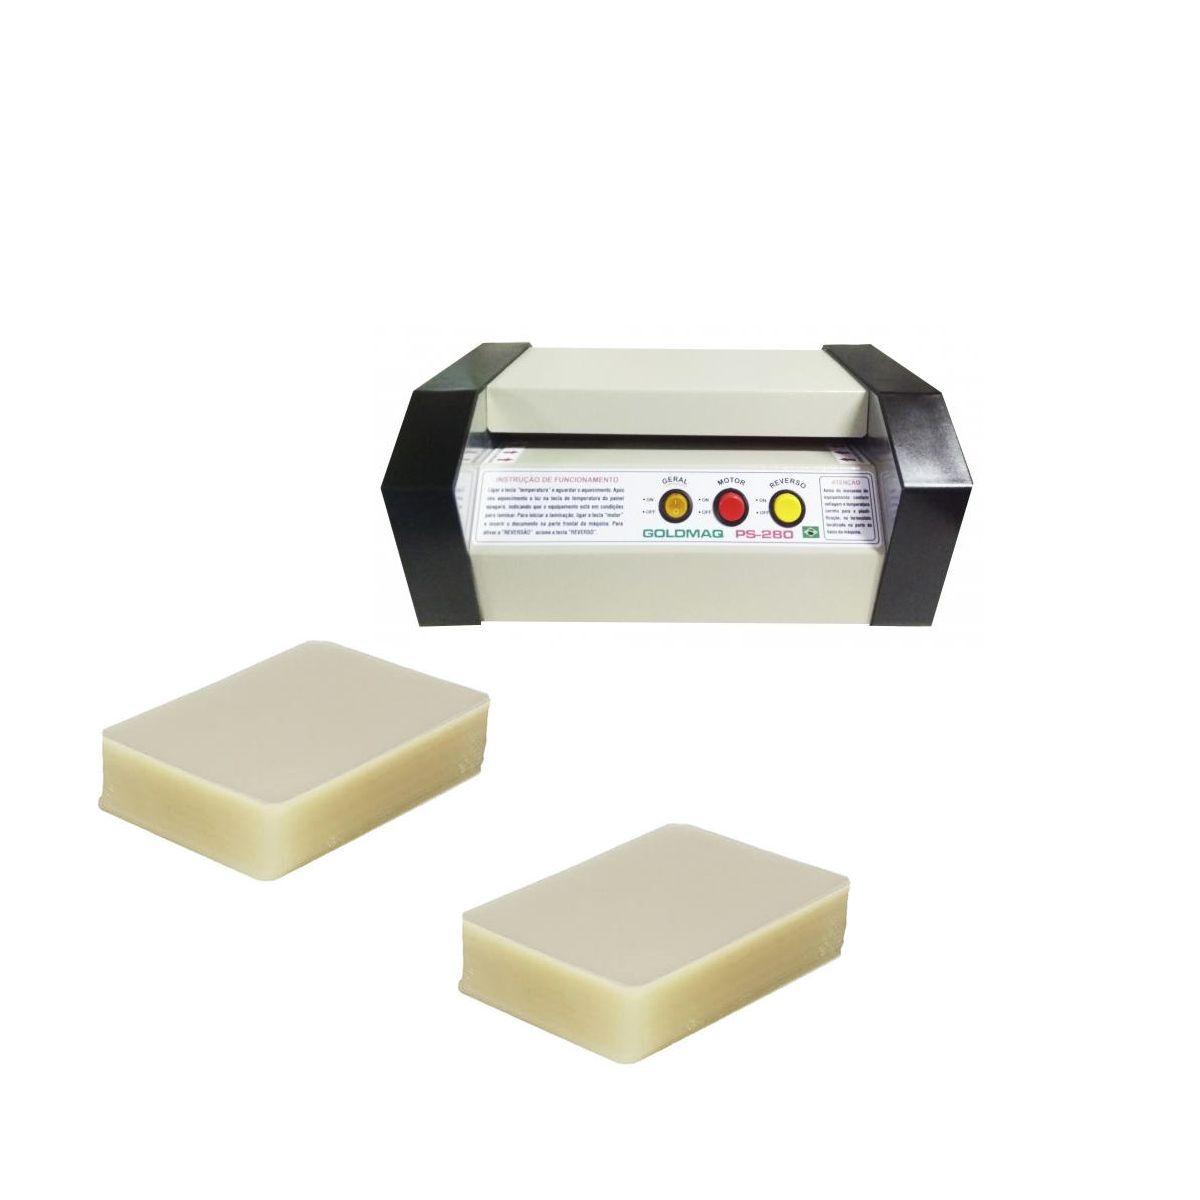 Plastificadora Ps-280 + 200 Polaseal Rg e Crachá